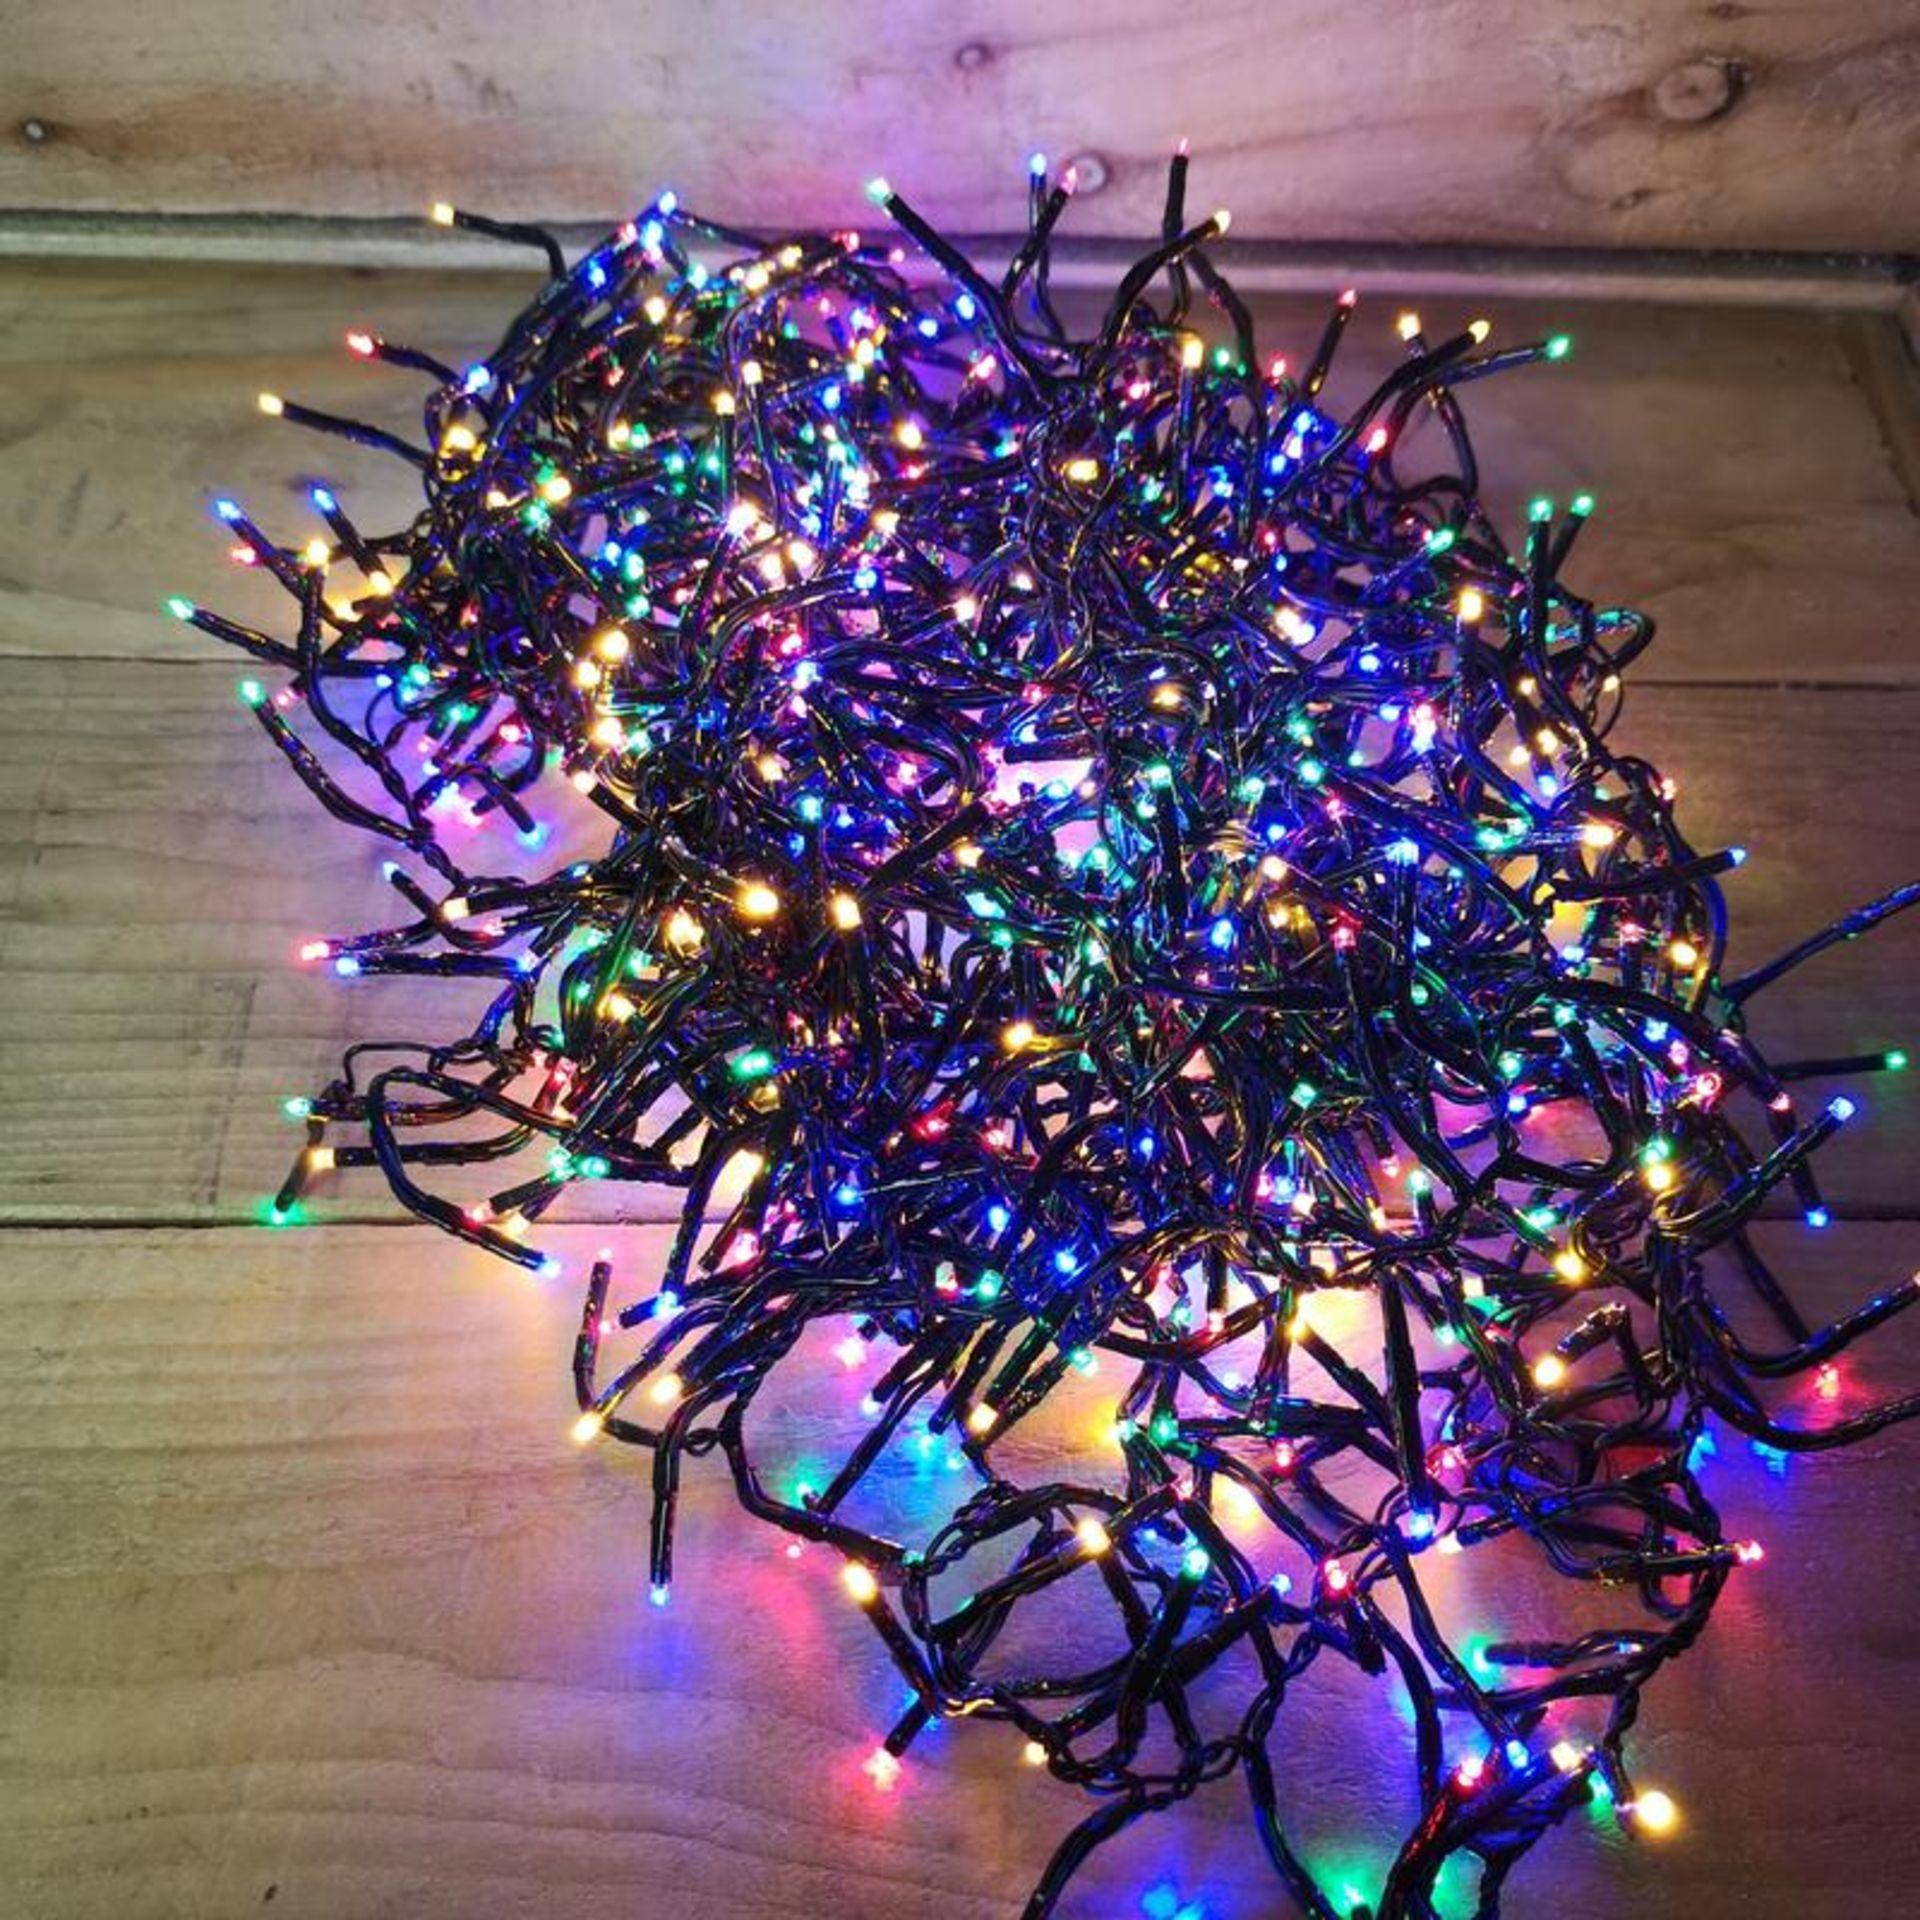 Lot 18066 - V Brand New 800 Multi Coloured LED Multi Function Christmas Lights